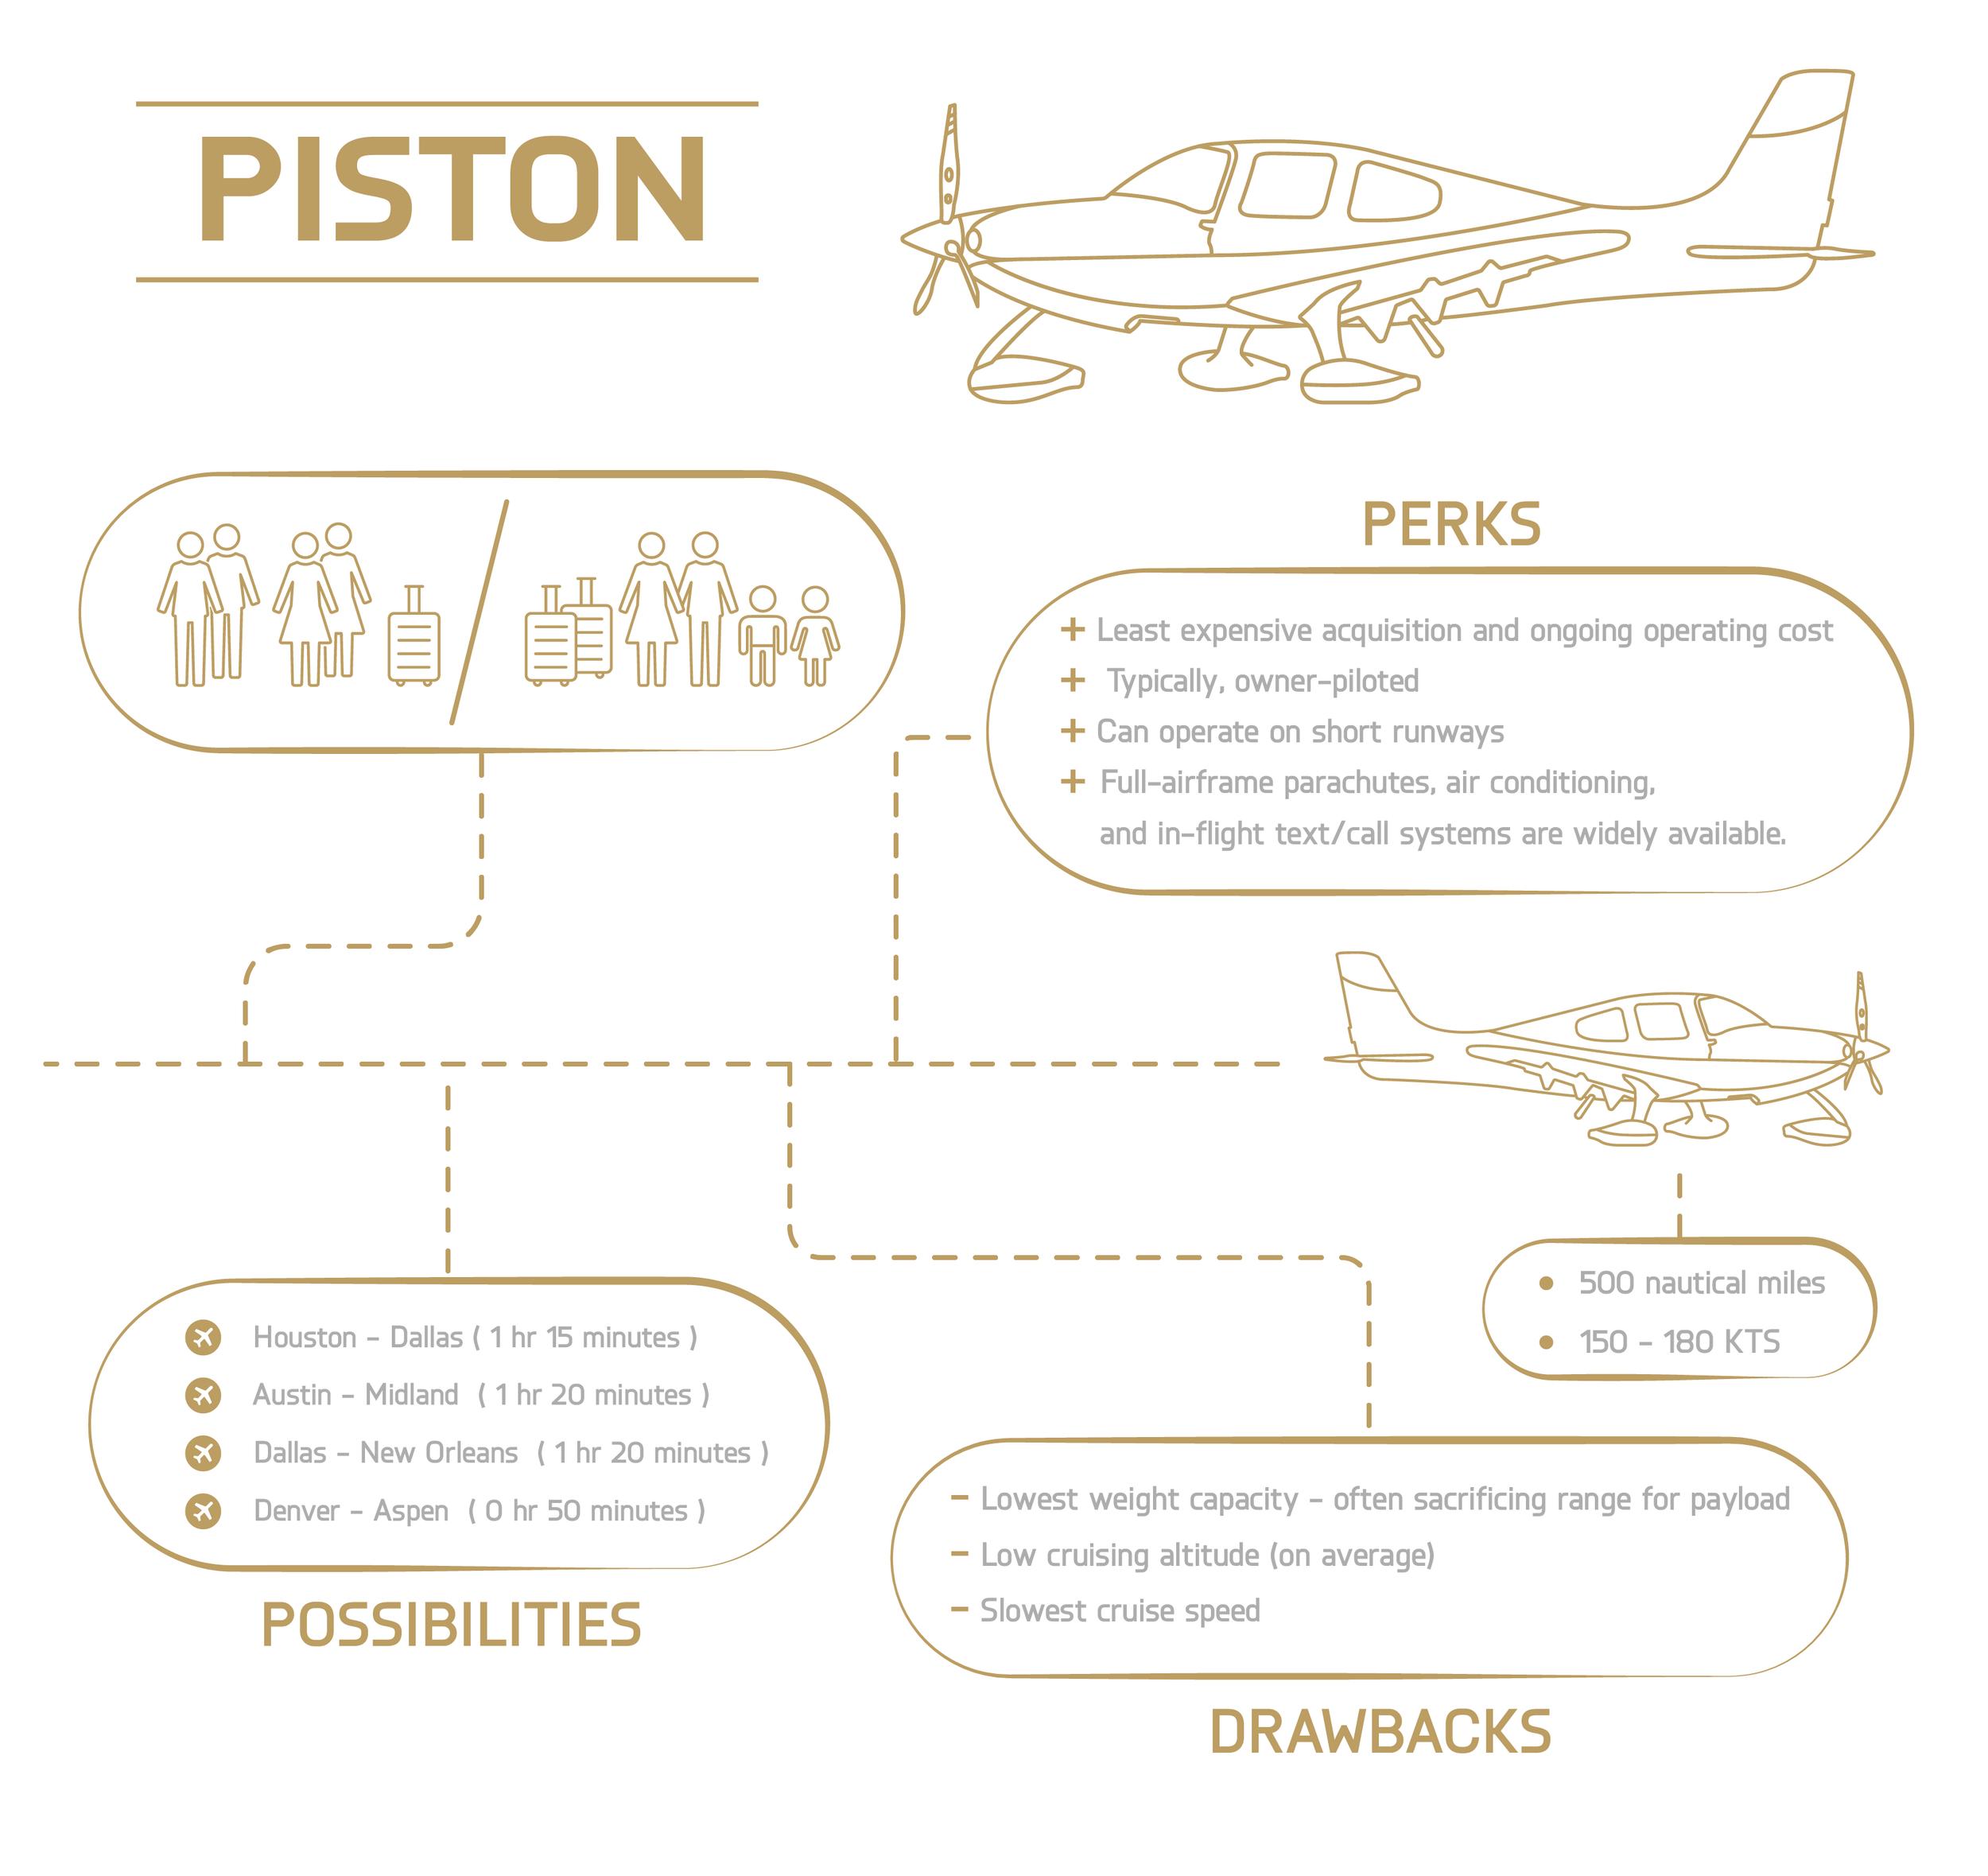 Piston overview